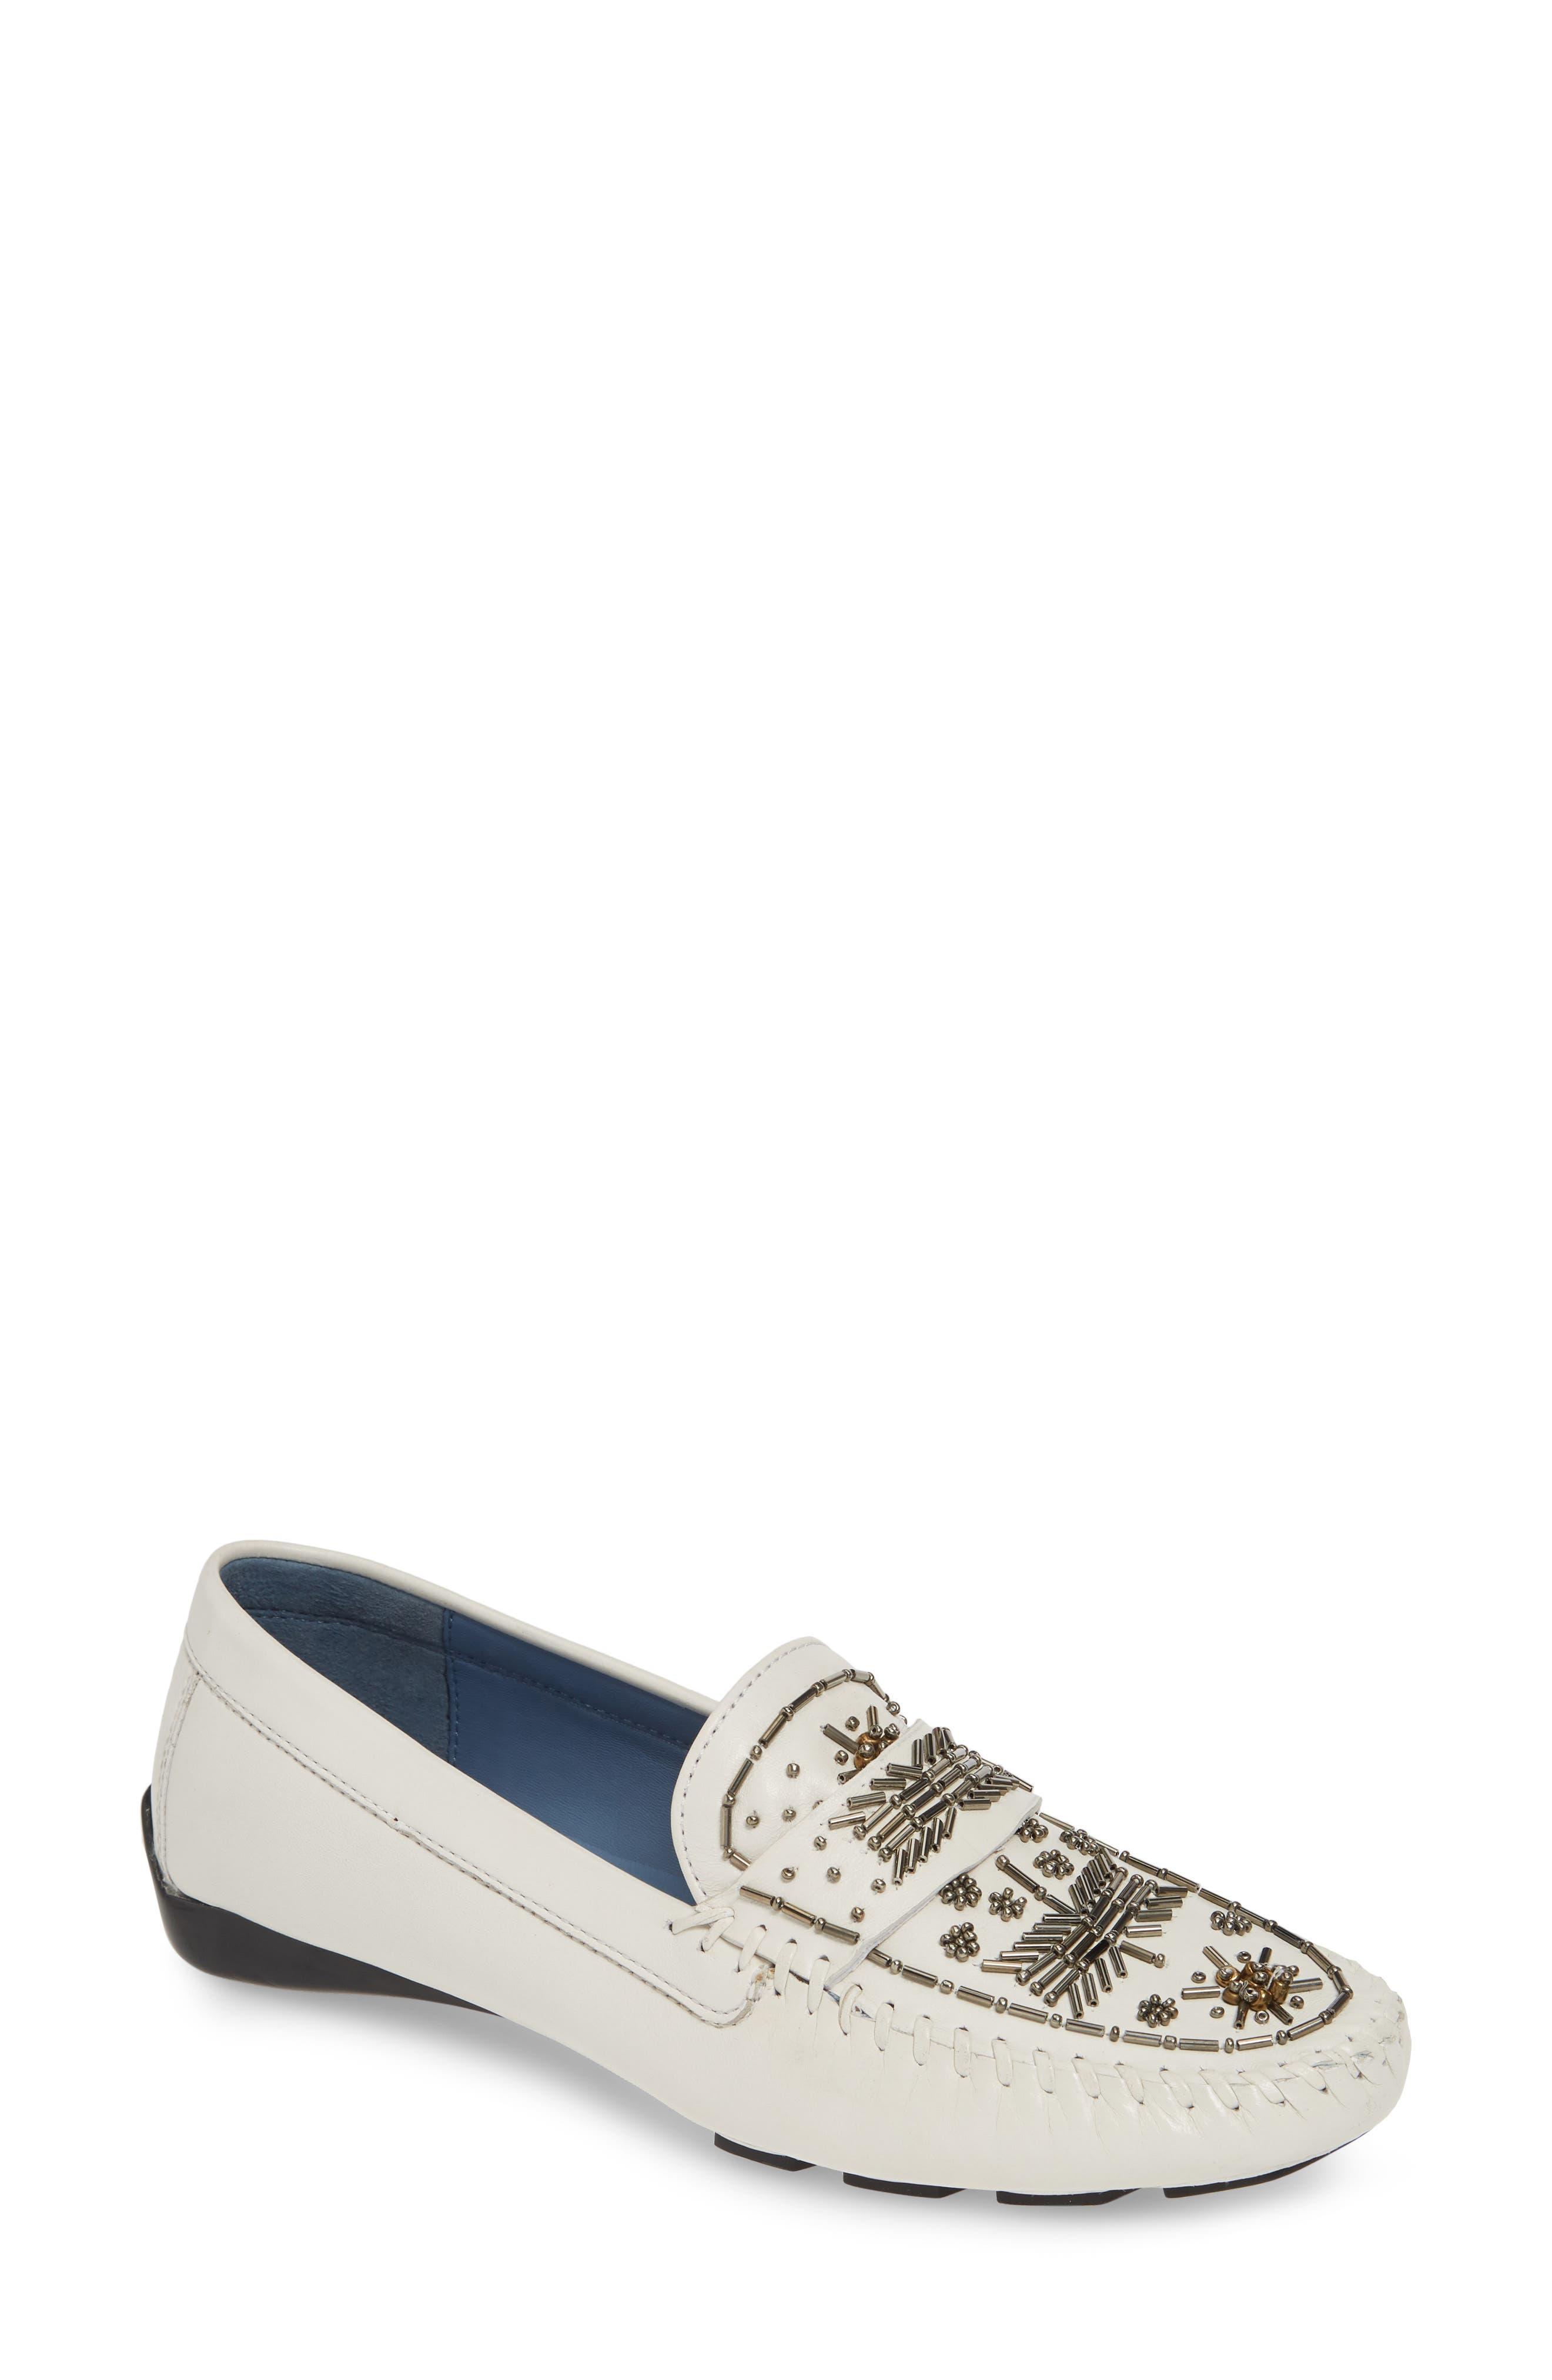 Robert Zur Majorca Embellished Loafer, White